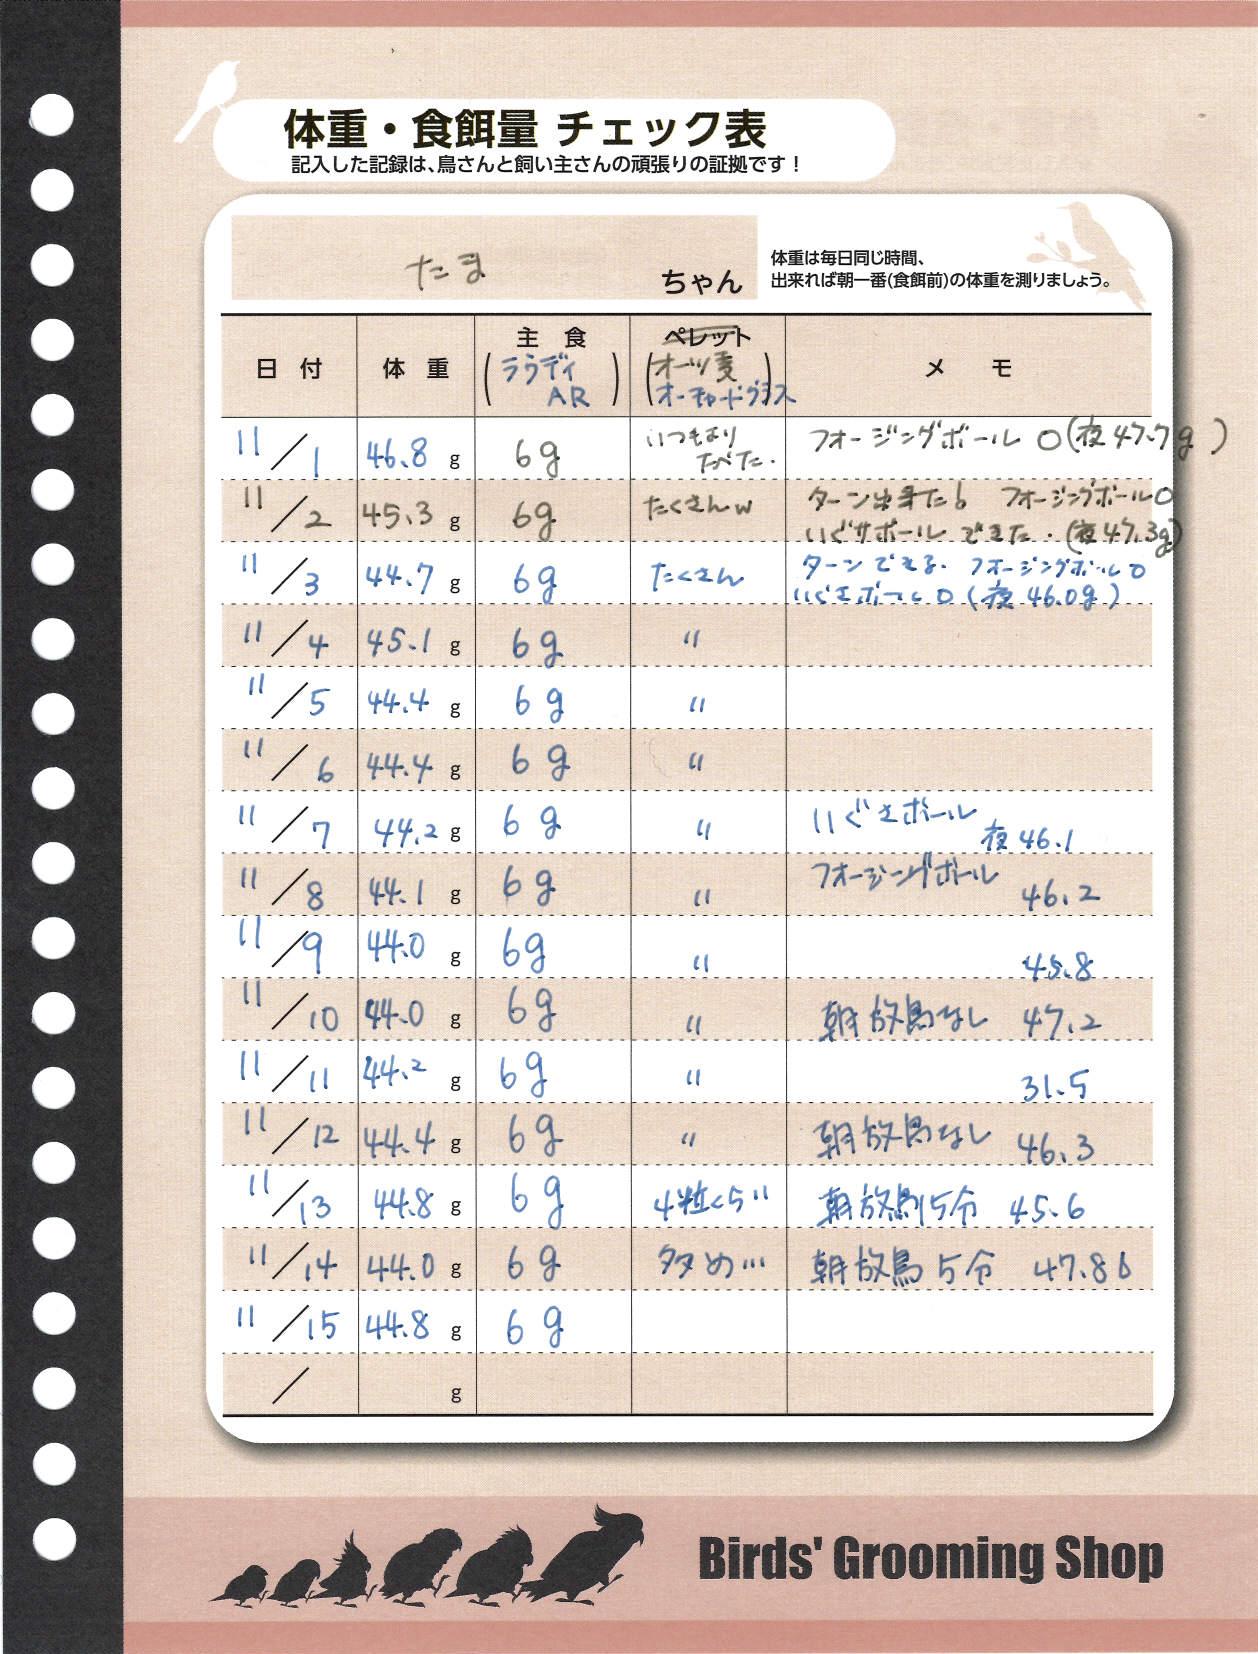 たまちゃんダイエット記録用紙20141115